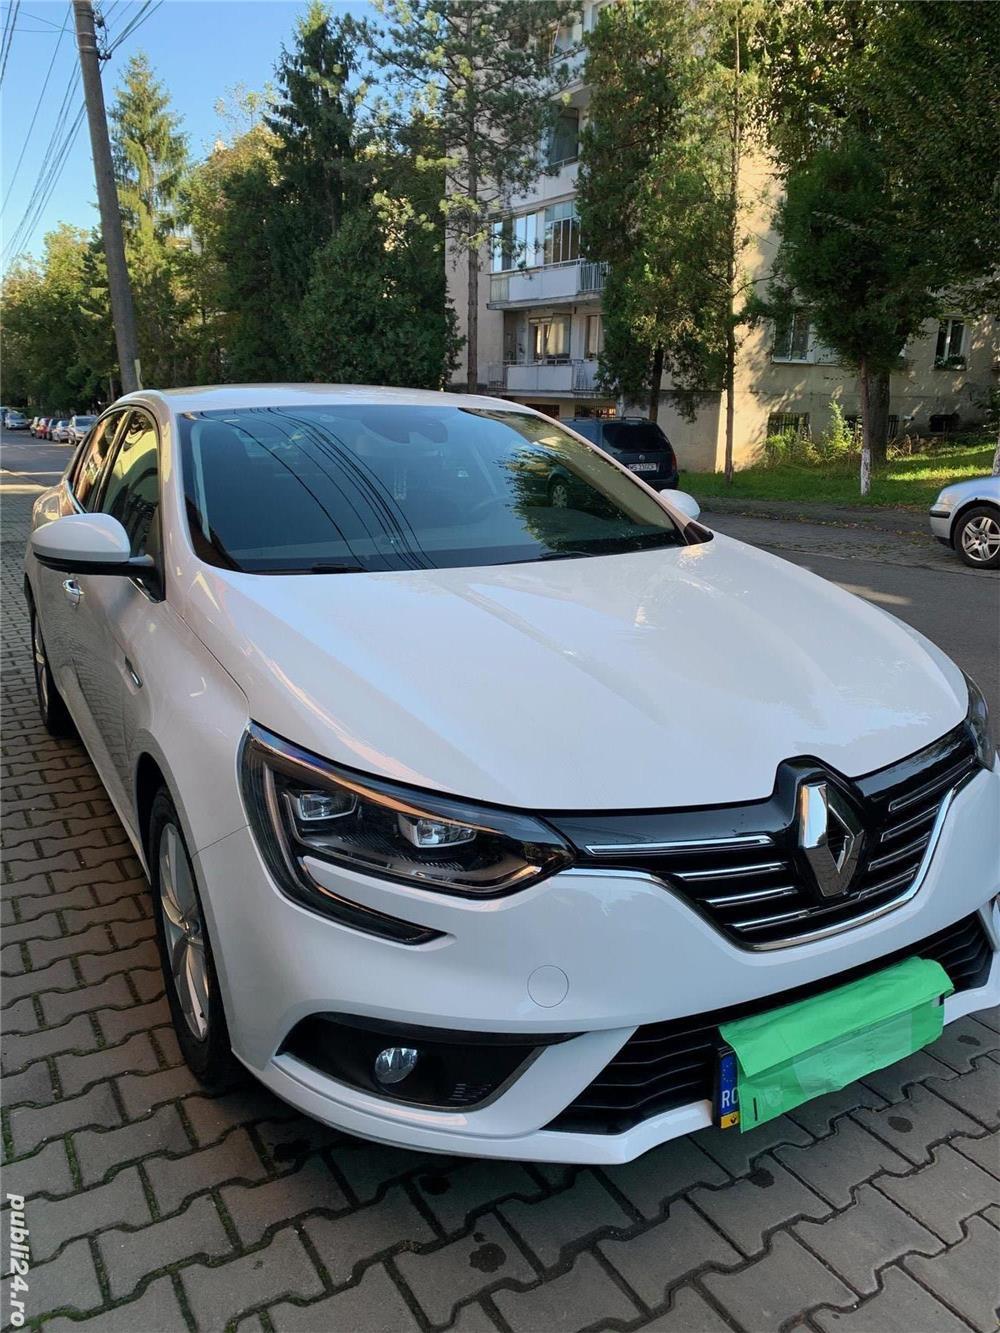 Renault Megane 4 Sedan echipare INTENS